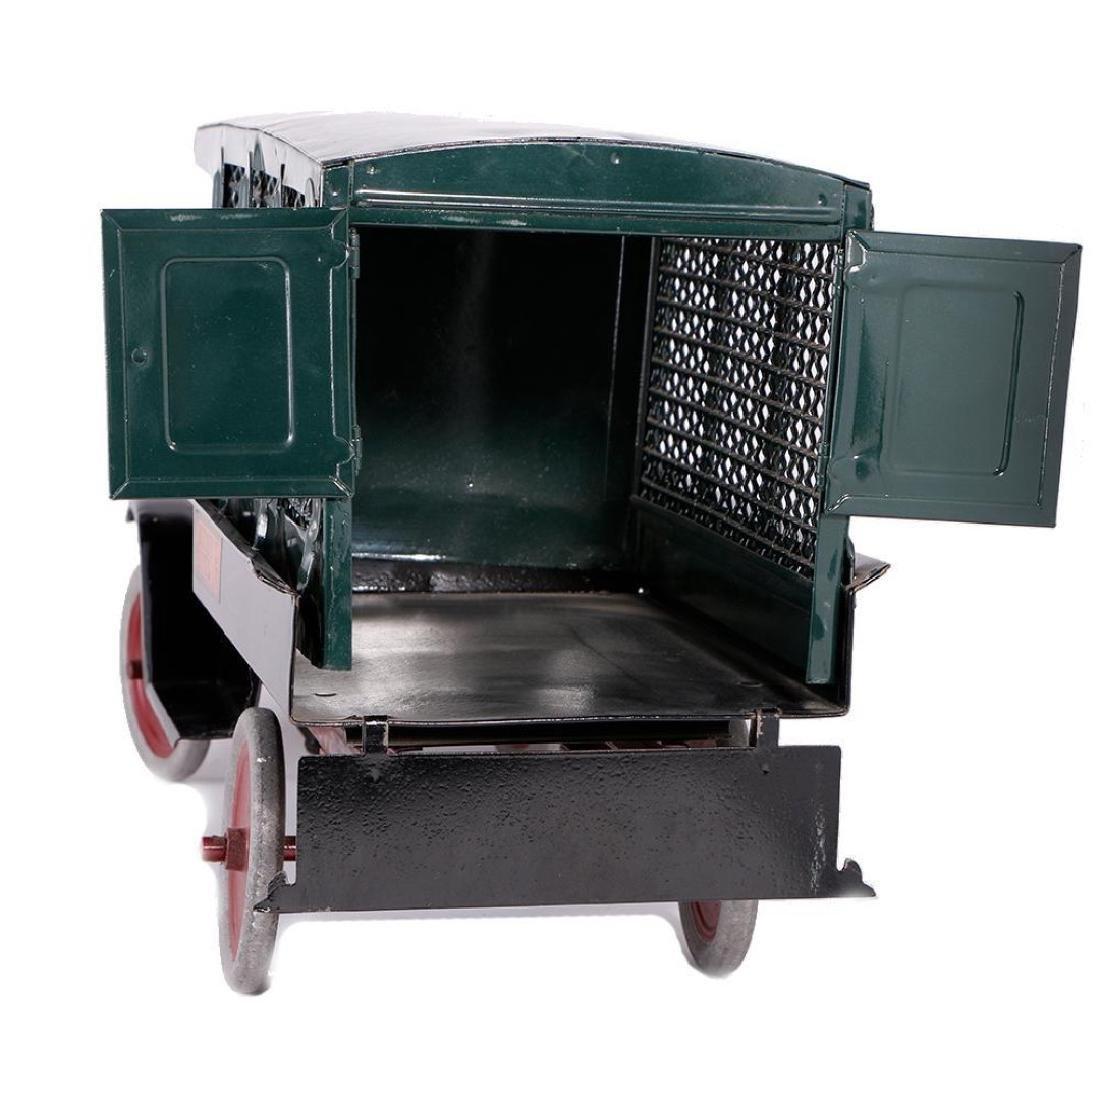 Buddy-L Express Line Pressed Steel Truck - 5